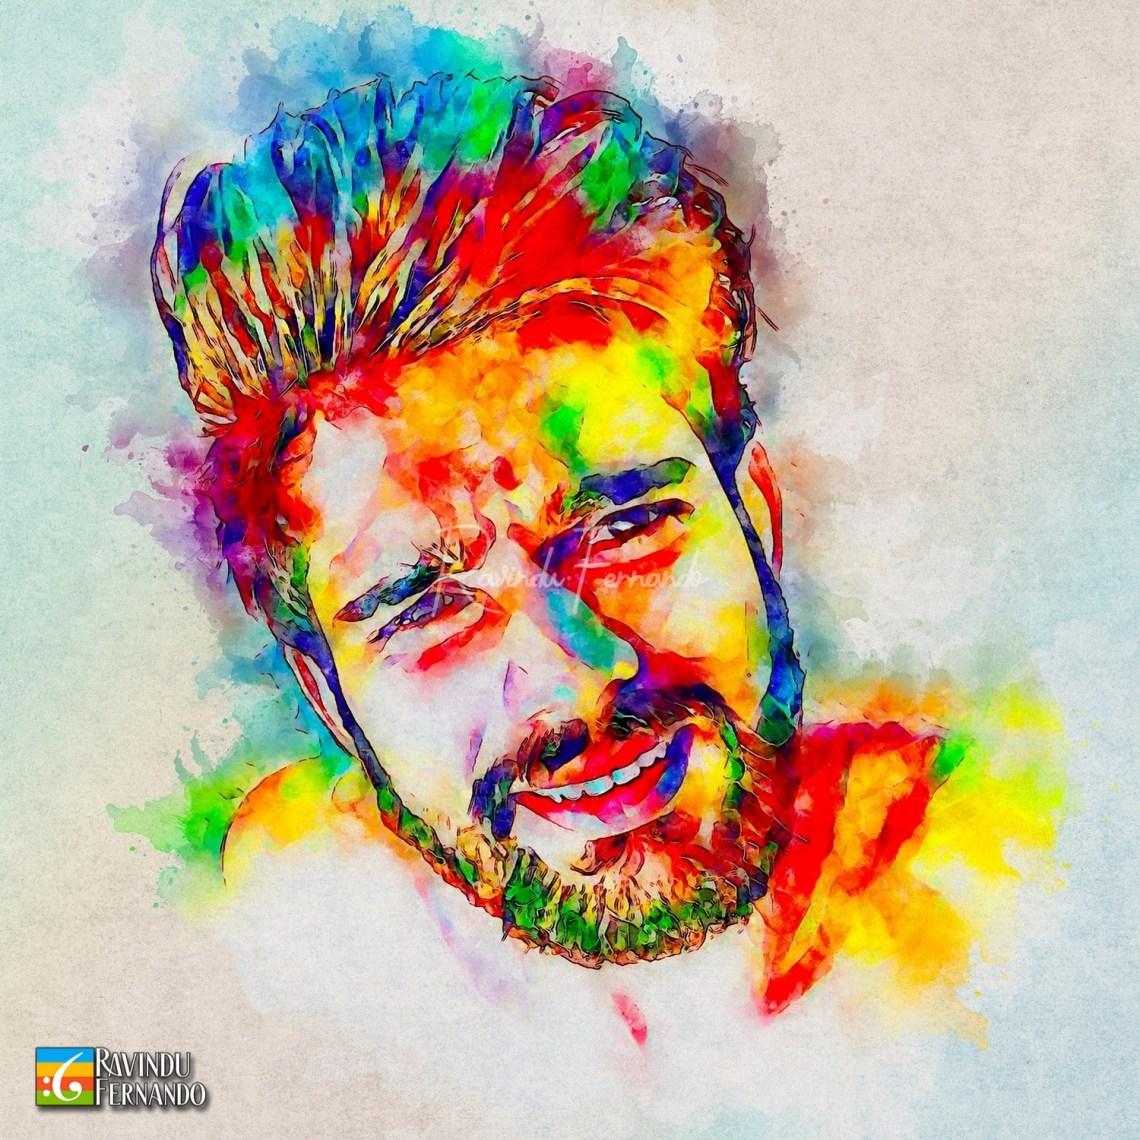 Sandaru Dasanayake - Digital Watercolor Painting